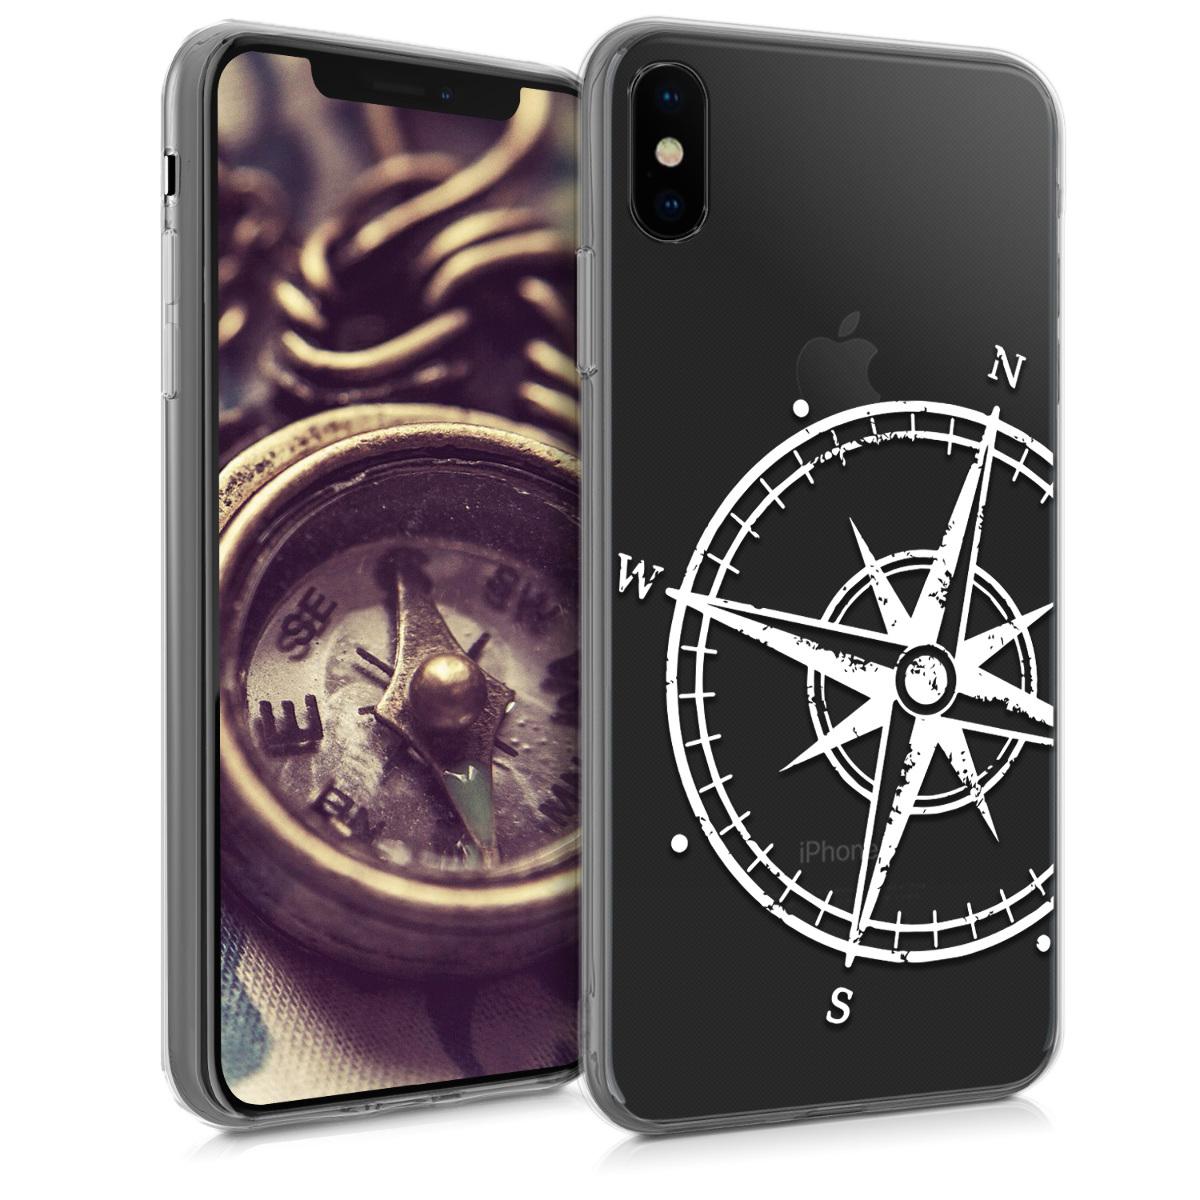 Kvalitní silikonové TPU pouzdro pro Apple iPhone XS - Navigační Compass White | Transparent